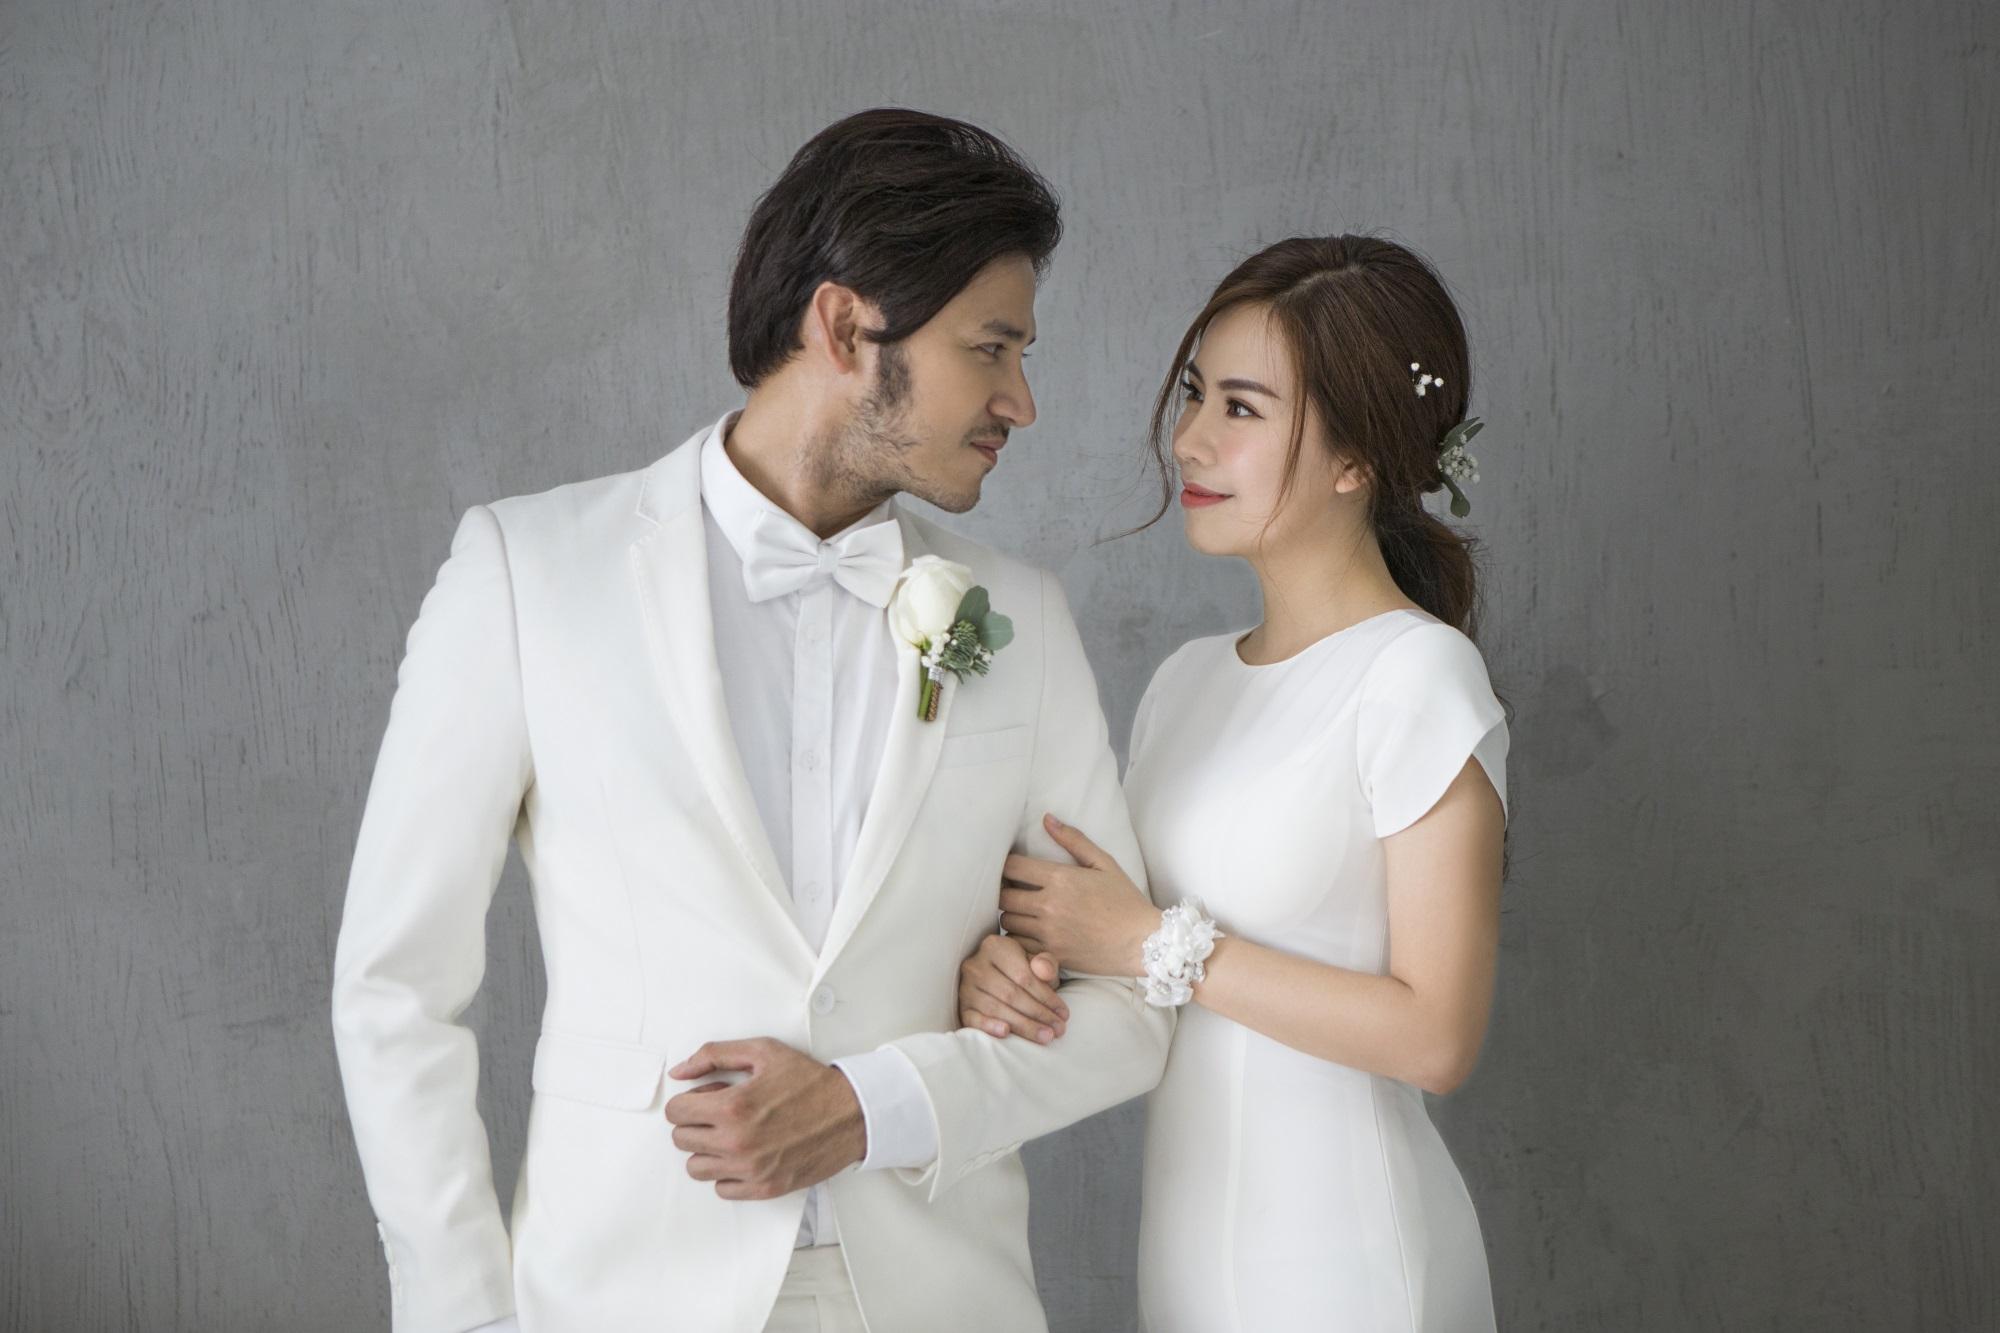 Diễn viên Gạo nếp gạo tẻ 'khoá môi' bạn trai ngọt ngào trong ảnh cưới - Ảnh 3